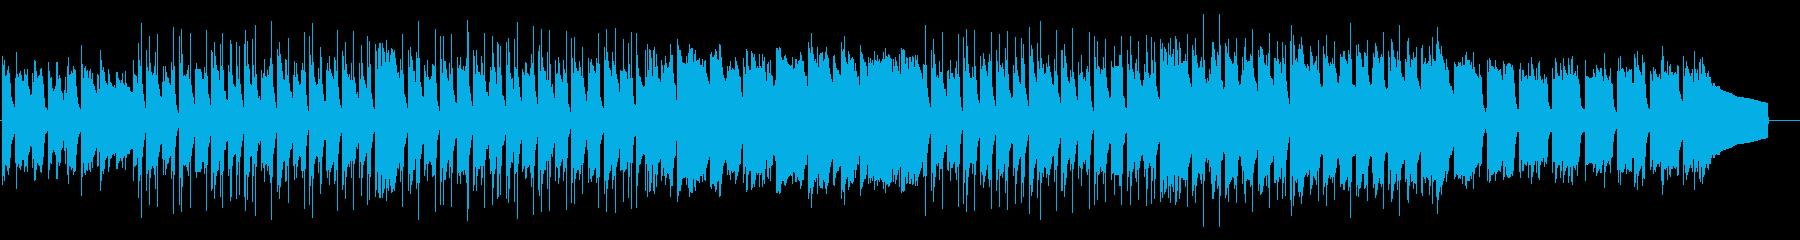 【リズム抜】木琴と口笛のほのぼのポップスの再生済みの波形